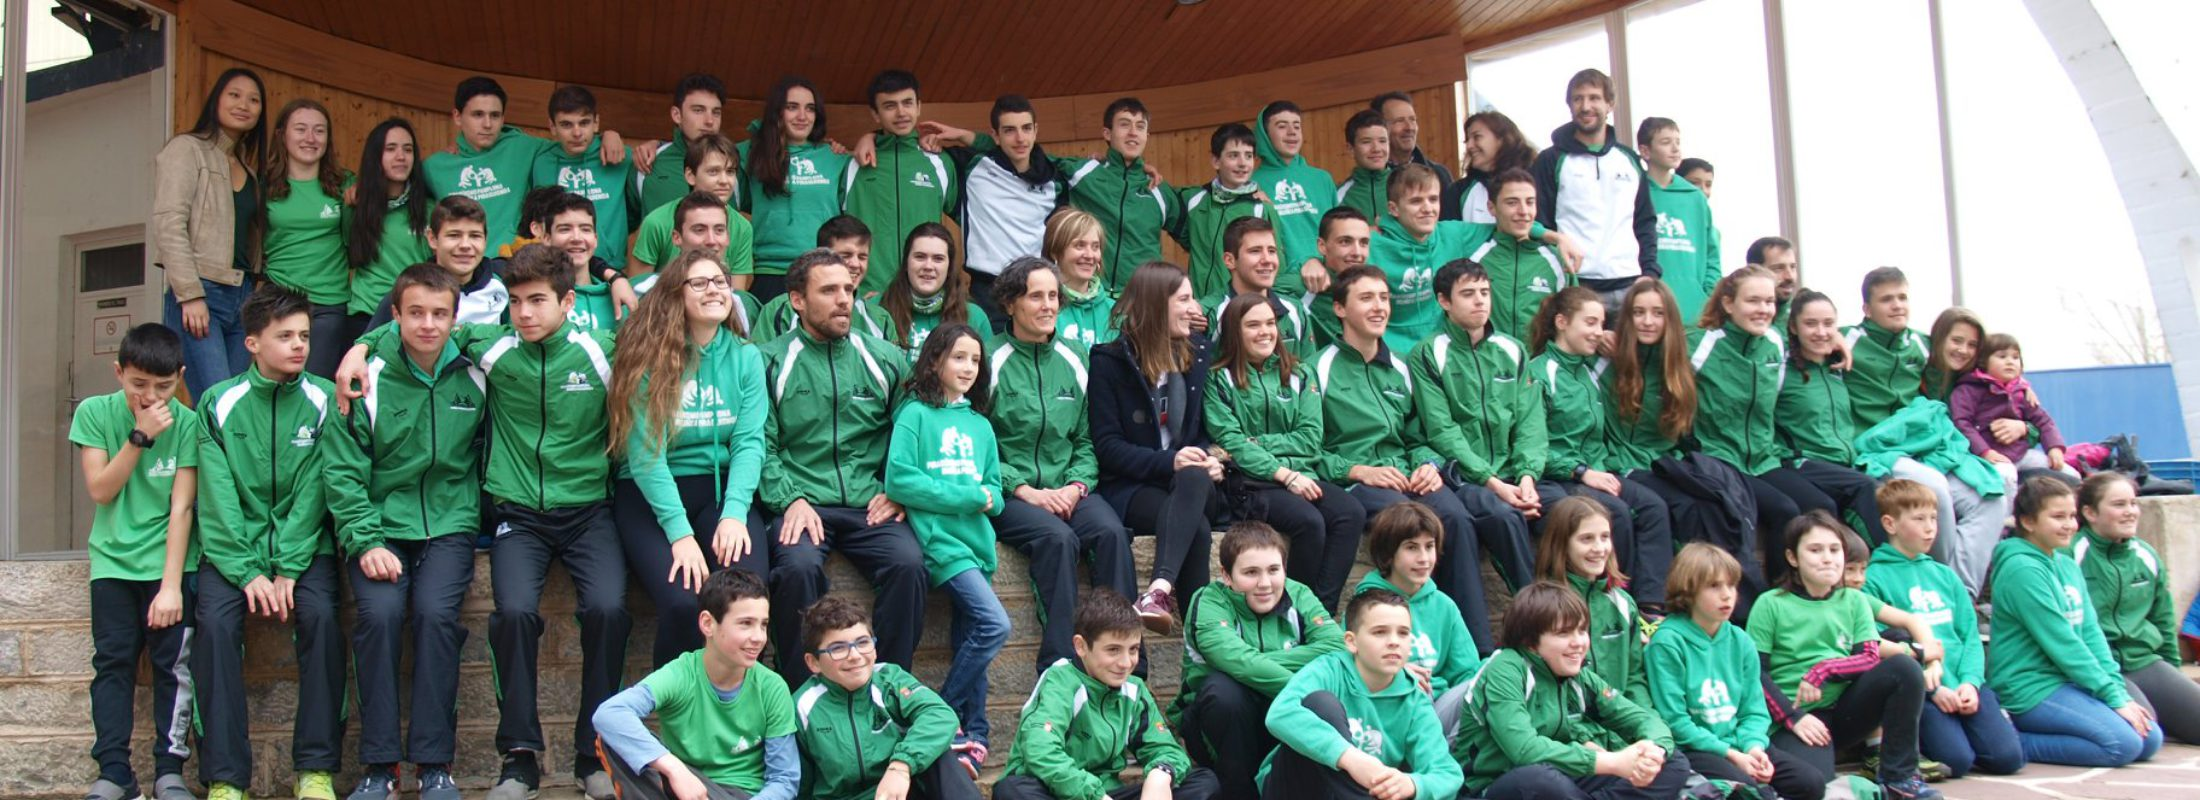 Actuación sobresaliente del Piragüismo Pamplona este fin de semana con cinco tripletes en el pódium y un total de 20 medallas.